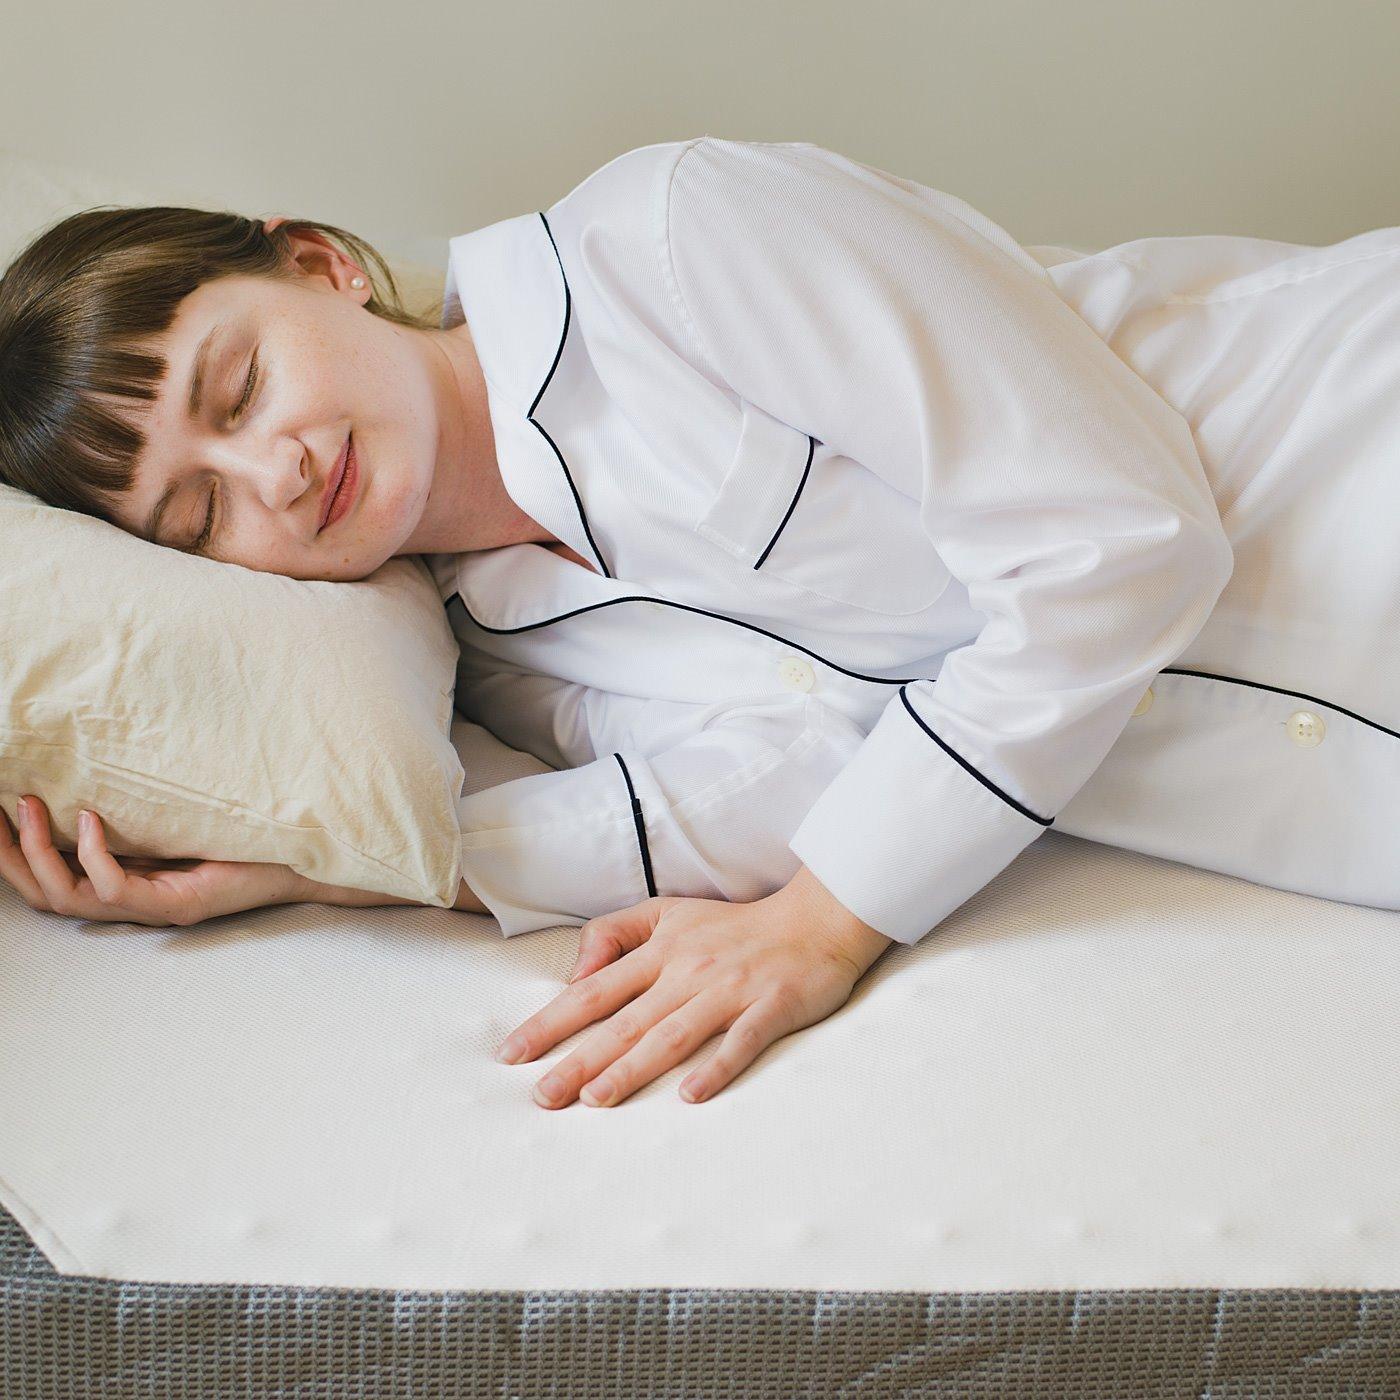 体圧分散で快眠をサポート マットレス SUYARA〈シングル〉